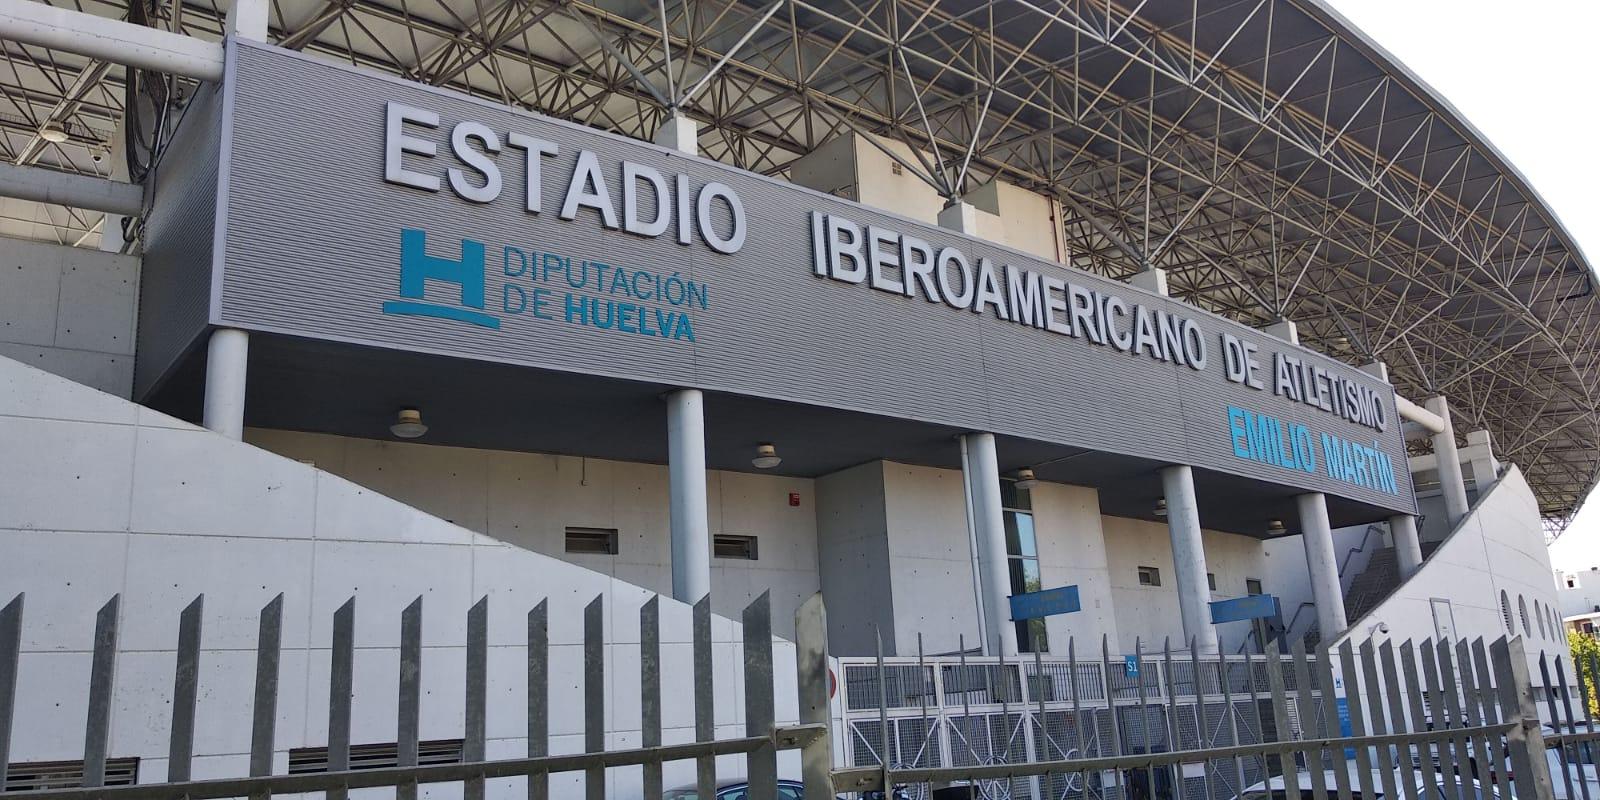 El estadio Iberoamericano de atletismo 'Emilio Martín' albergará la meta de la última etapa de 'La Ruta de las Maravillas de Huelva'.